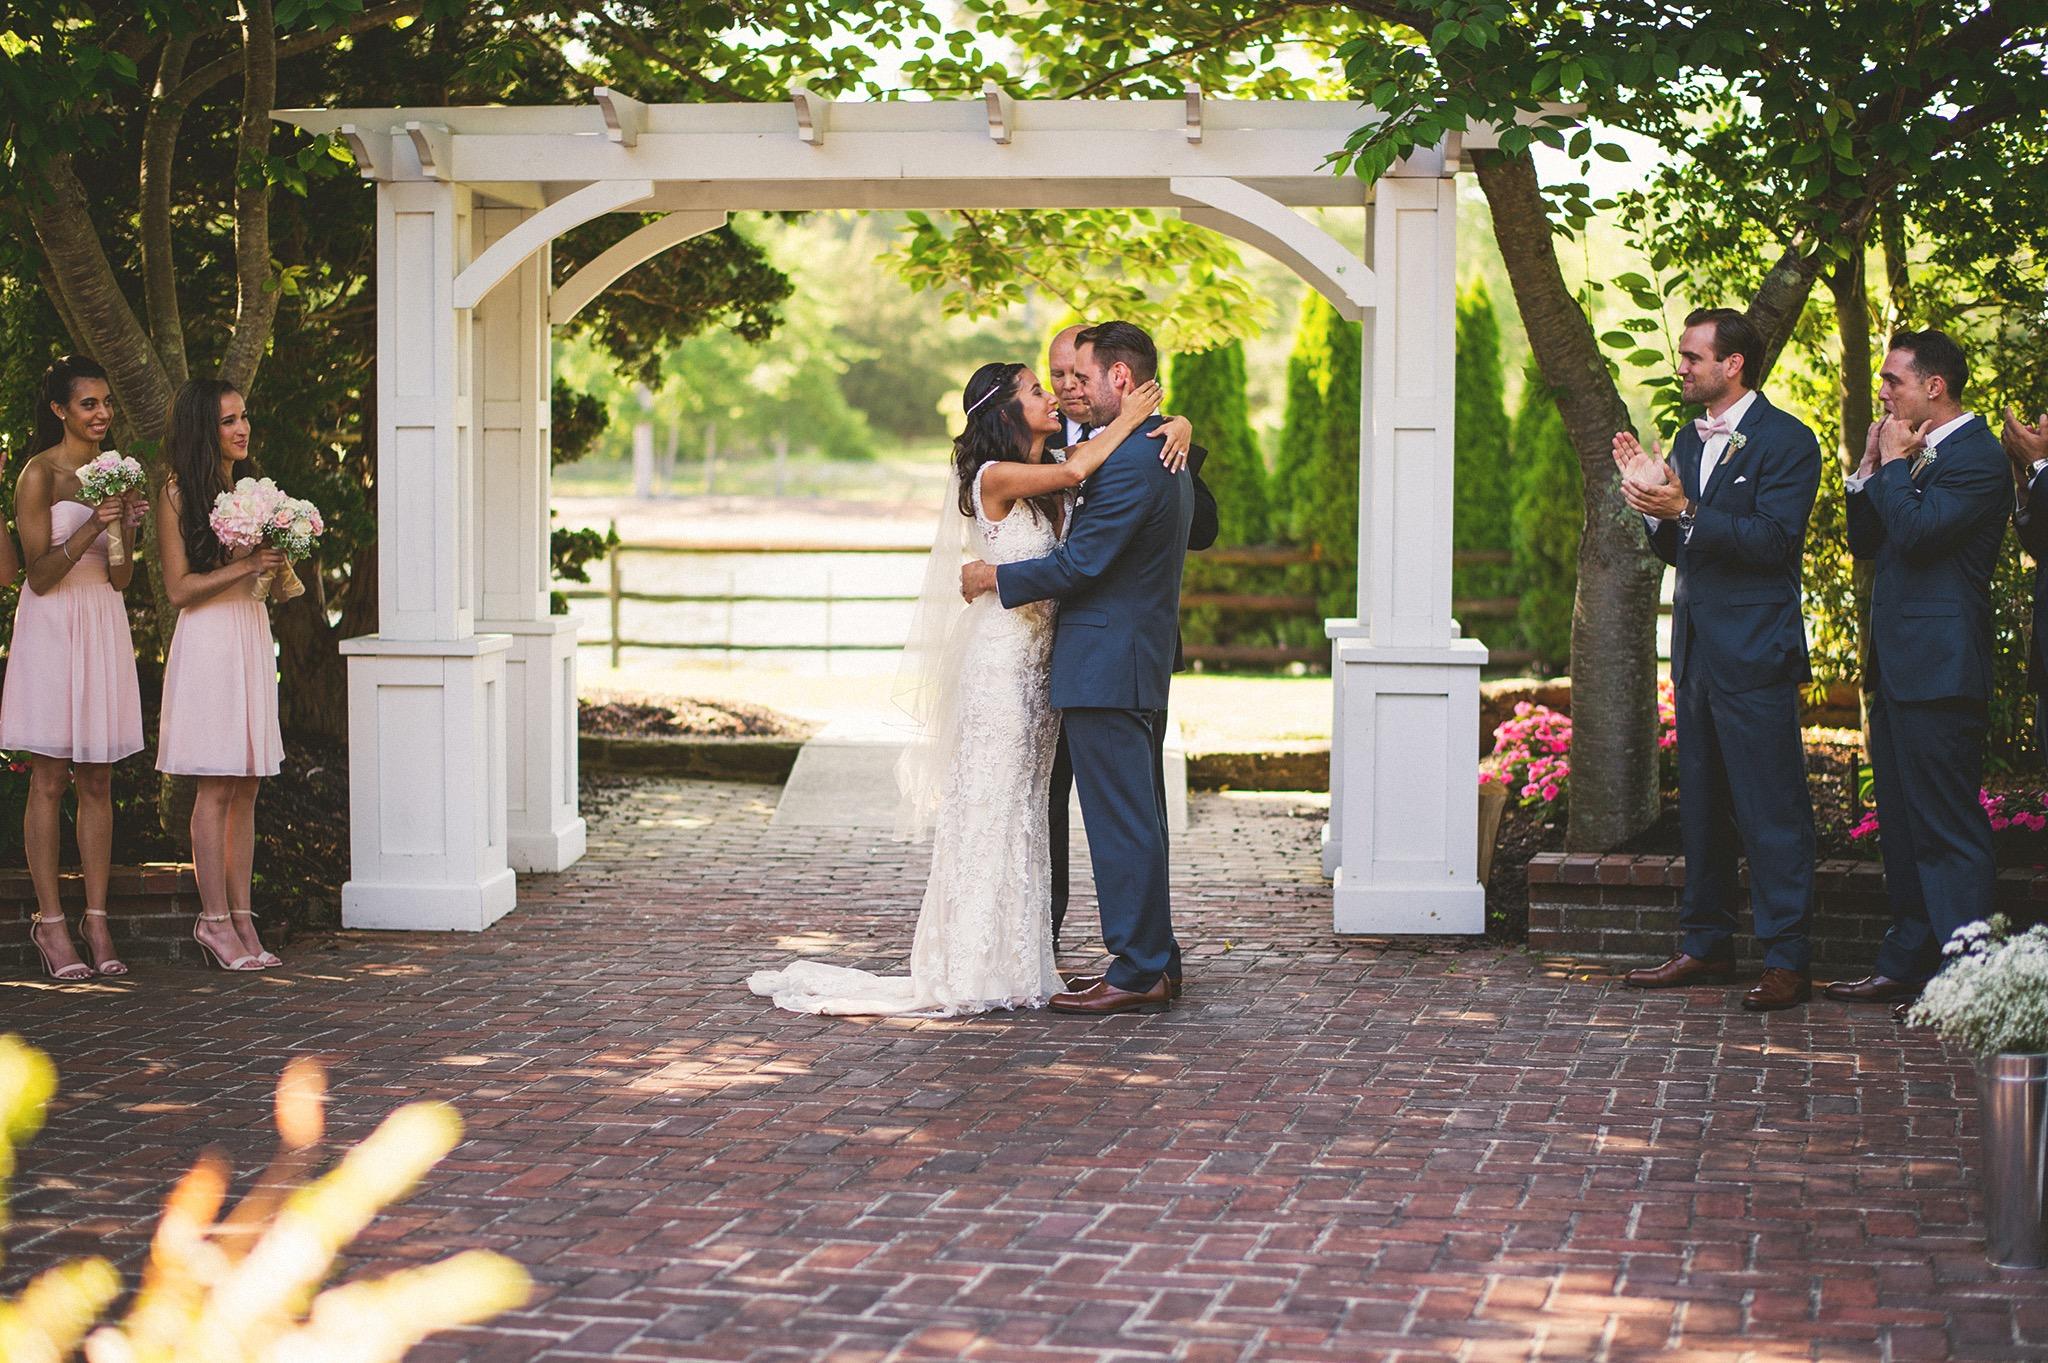 55-smithville-inn-wedding-pictures.jpg